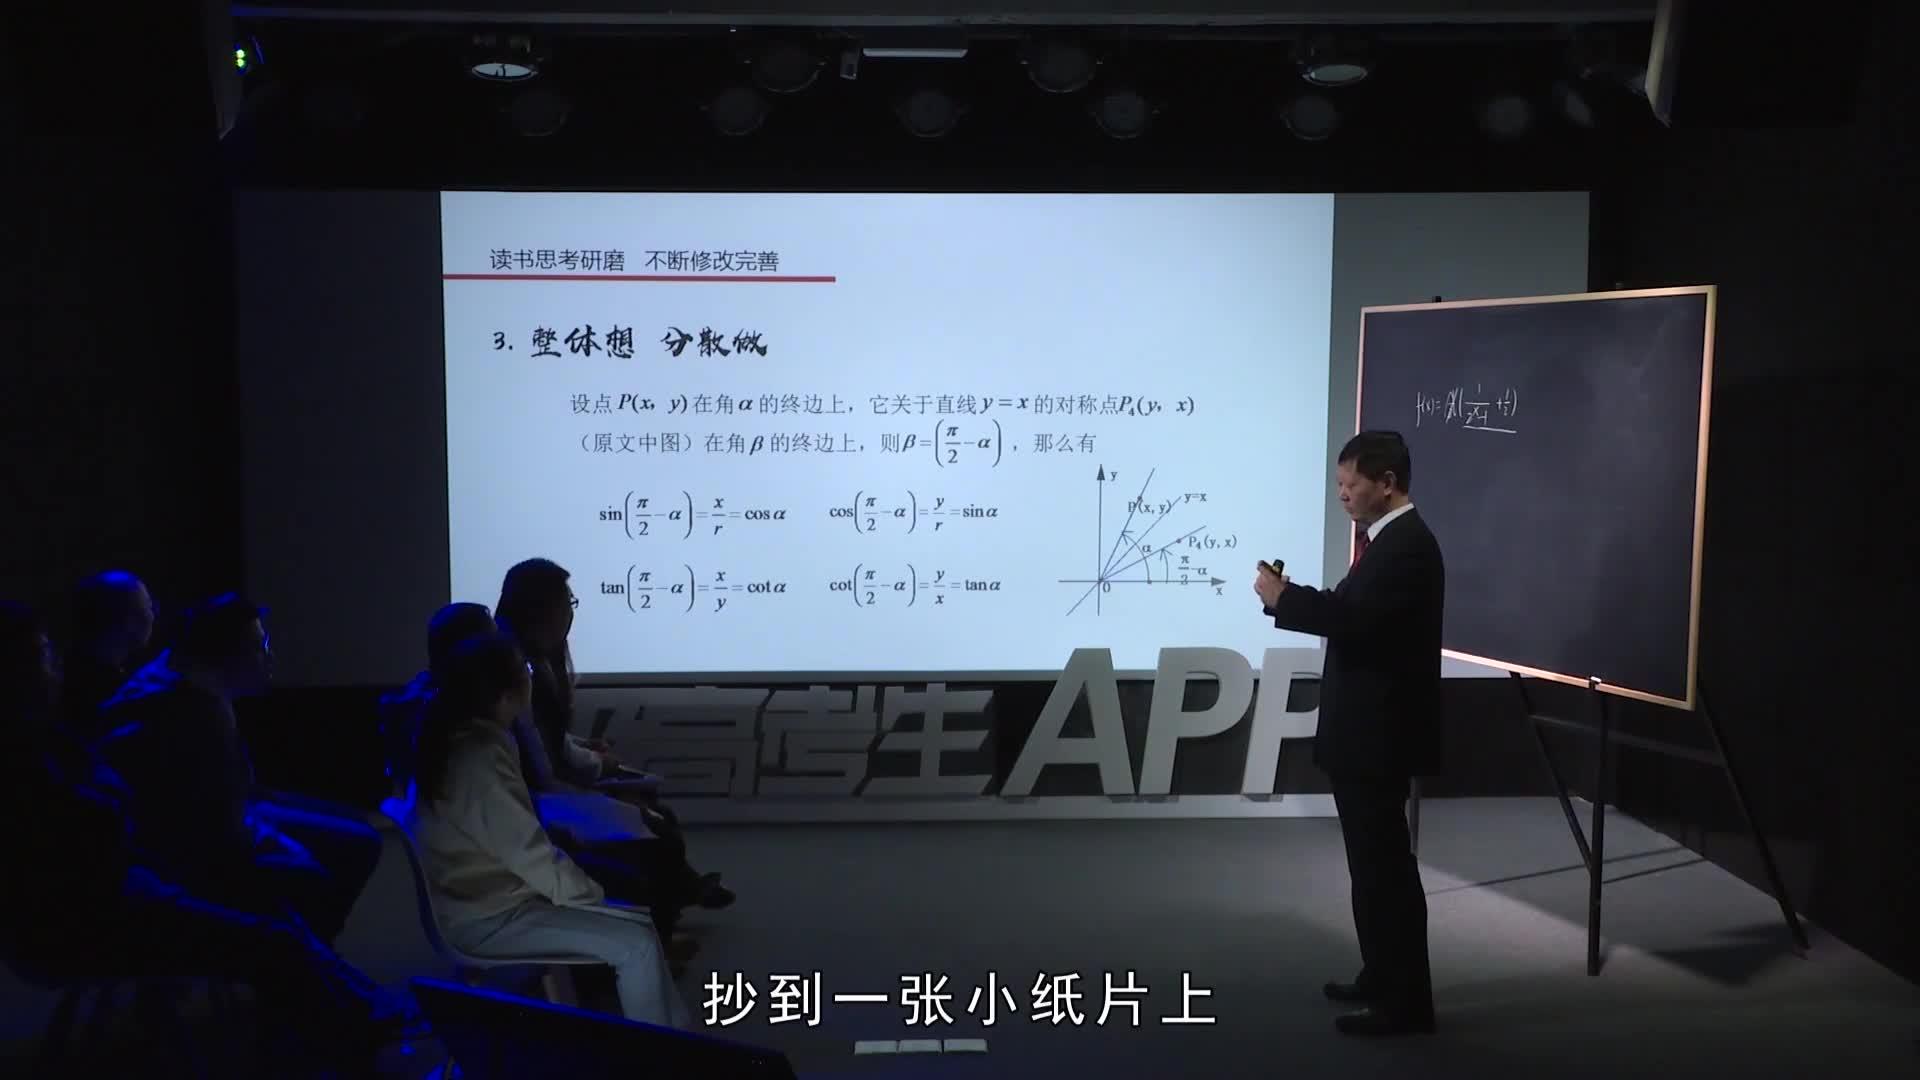 浅谈数学概念课教学(下)反复磨 不断改 4 整体想 分散做-视频微课堂